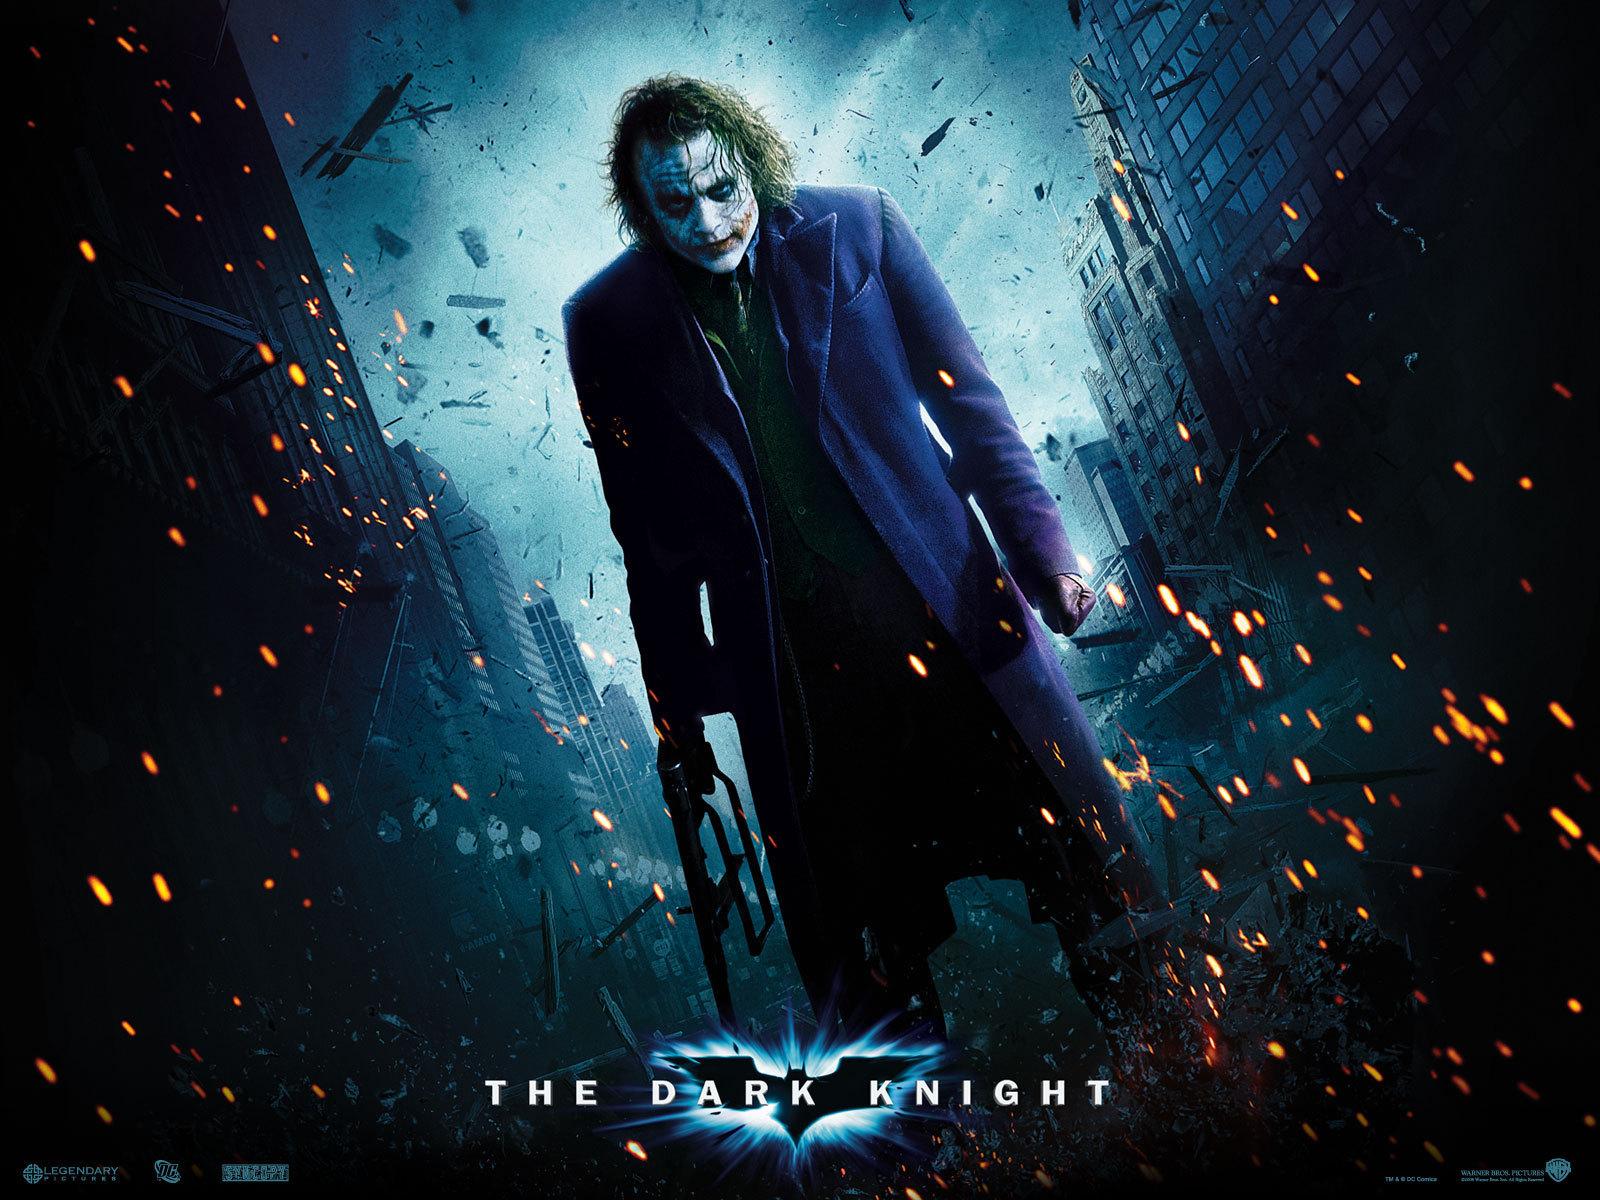 http://4.bp.blogspot.com/-pHEzg_88UUM/TiXDql3L5_I/AAAAAAAAAnE/ssmSvl1vHL8/s1600/Joker+Wallpaper-9.jpg